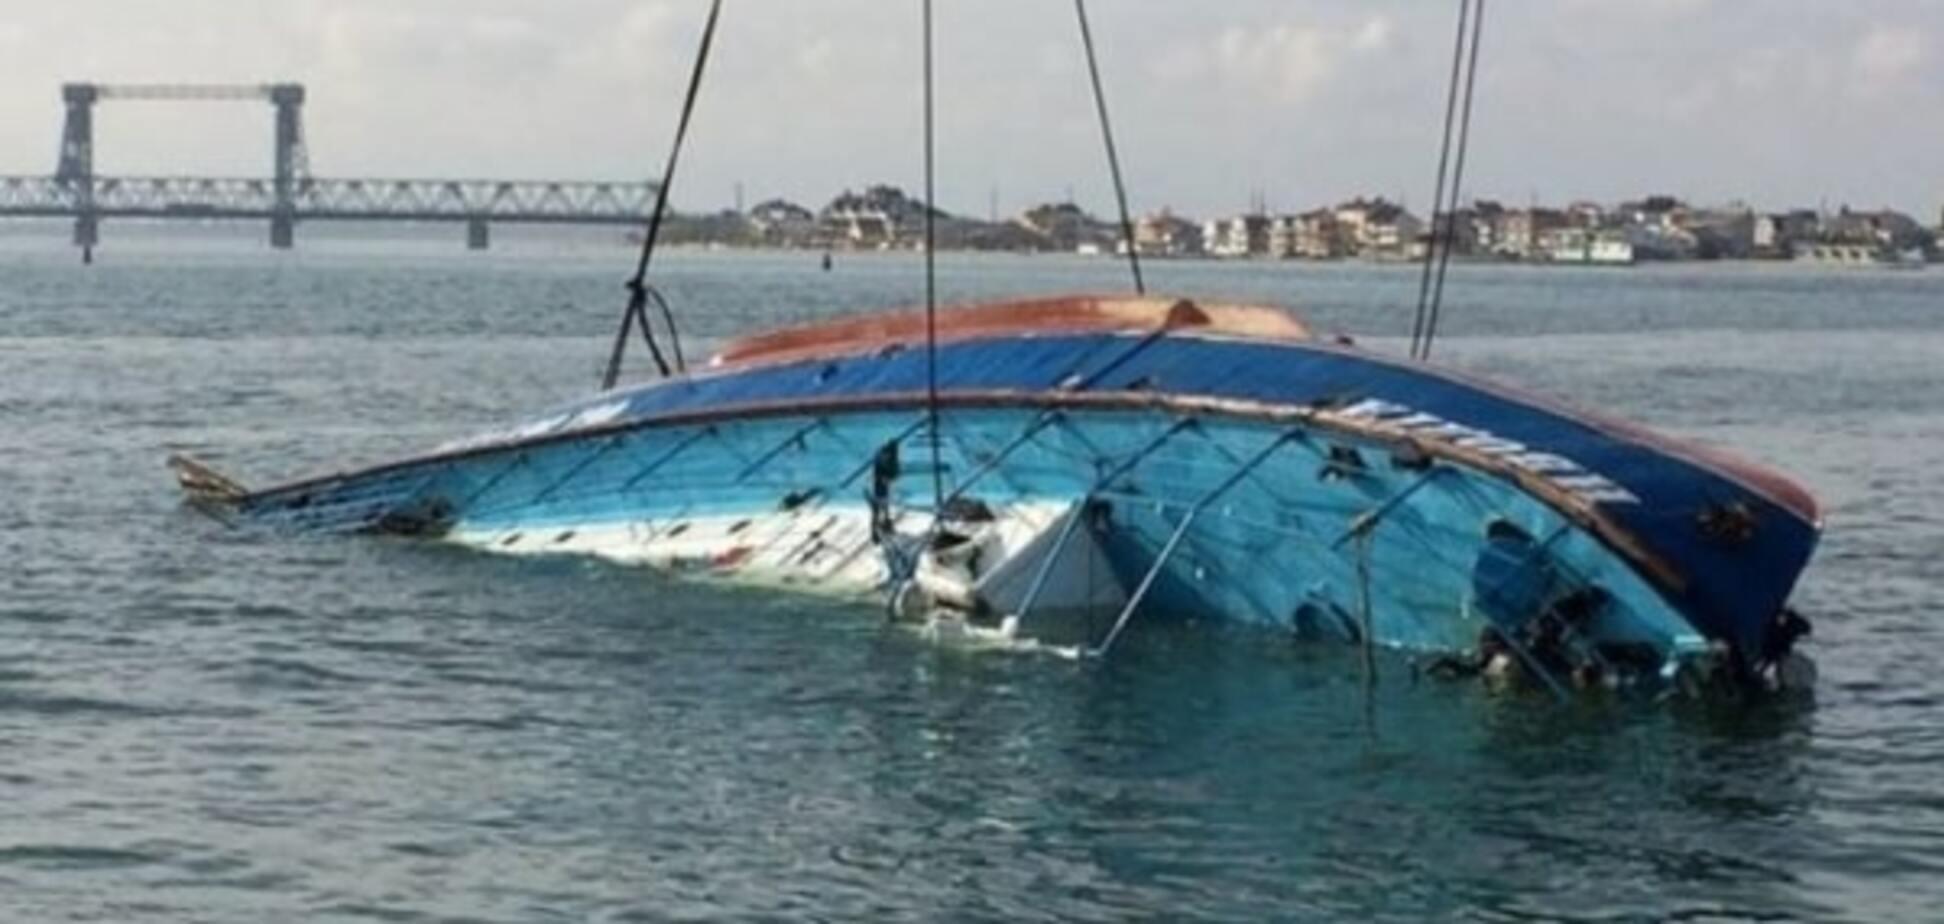 Суд визначився з покаранням капітану 'Іволги', що затонула в Затоці